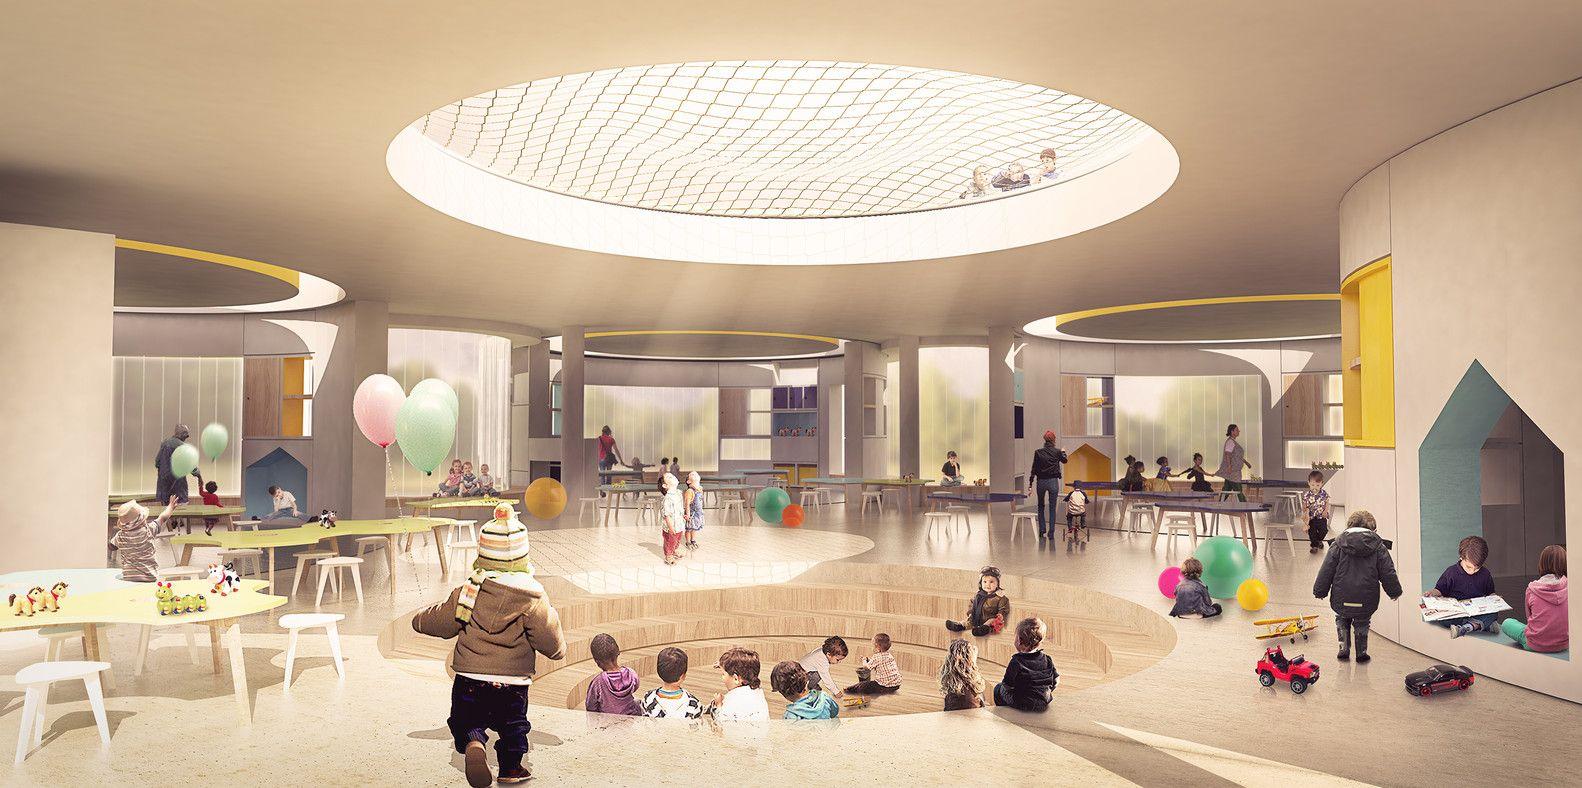 Galería de FP Arquitectura, primer lugar en concurso Ambientes de Aprendizaje del siglo XXI: Jardín Infantil Tibabuyes - 2